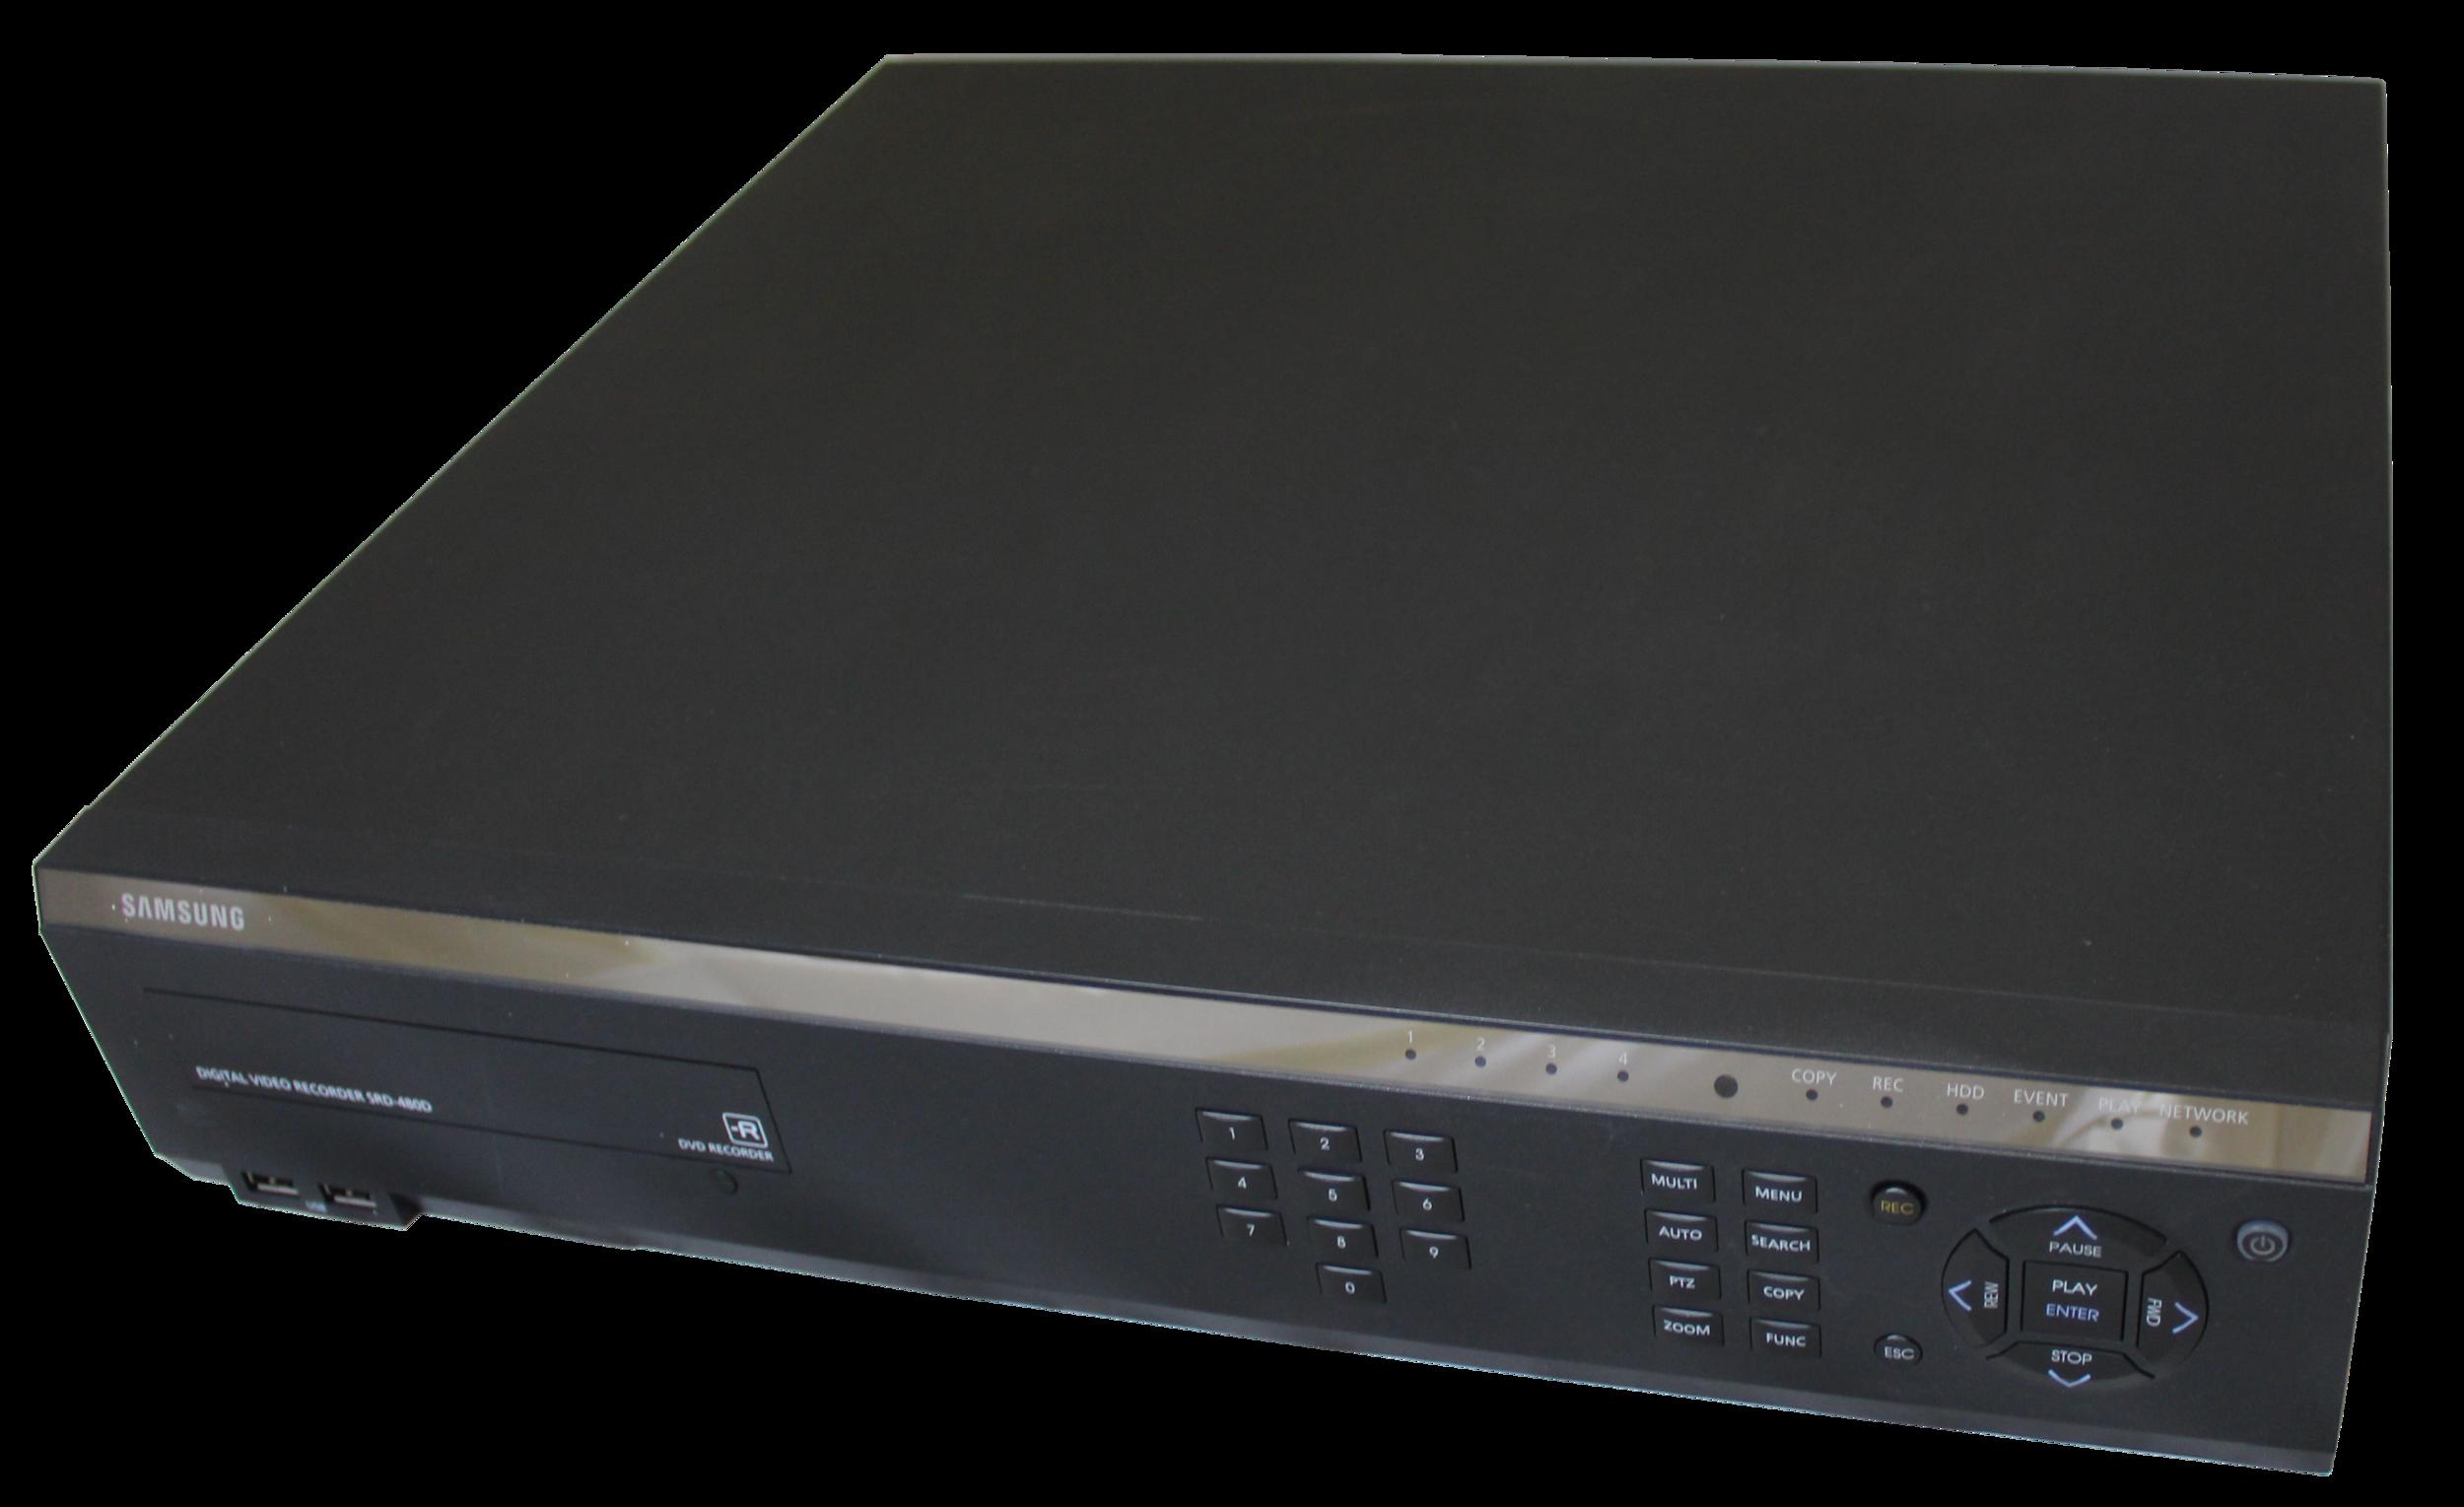 Enregistreur Samsung Srd-480d